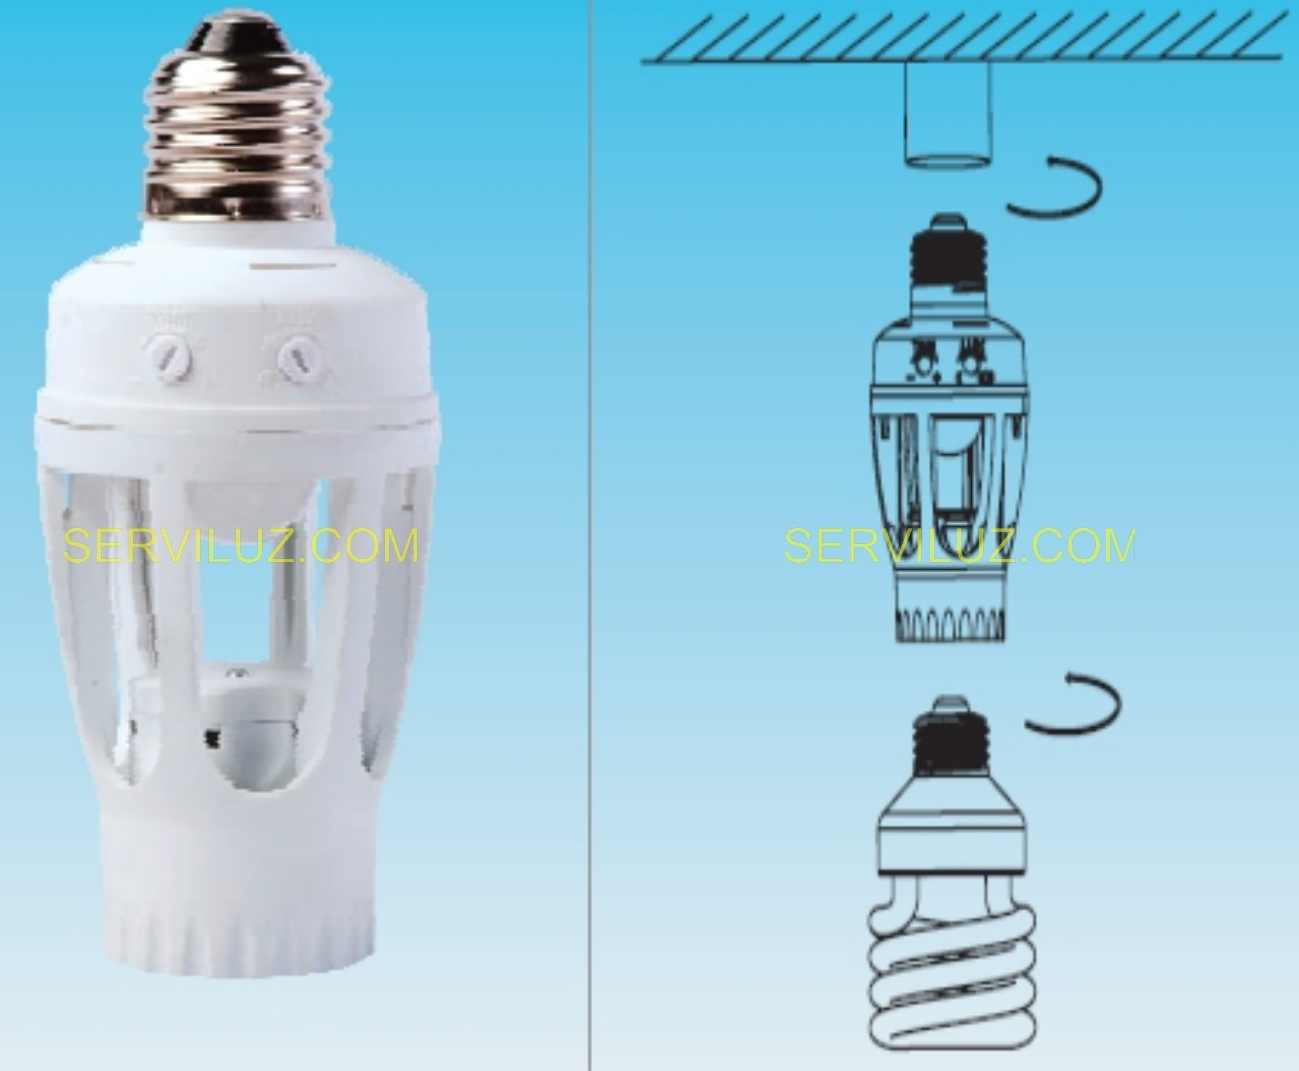 Portalampara casquillo con sensor pir para bombilla de - Detector de movimiento para luces ...